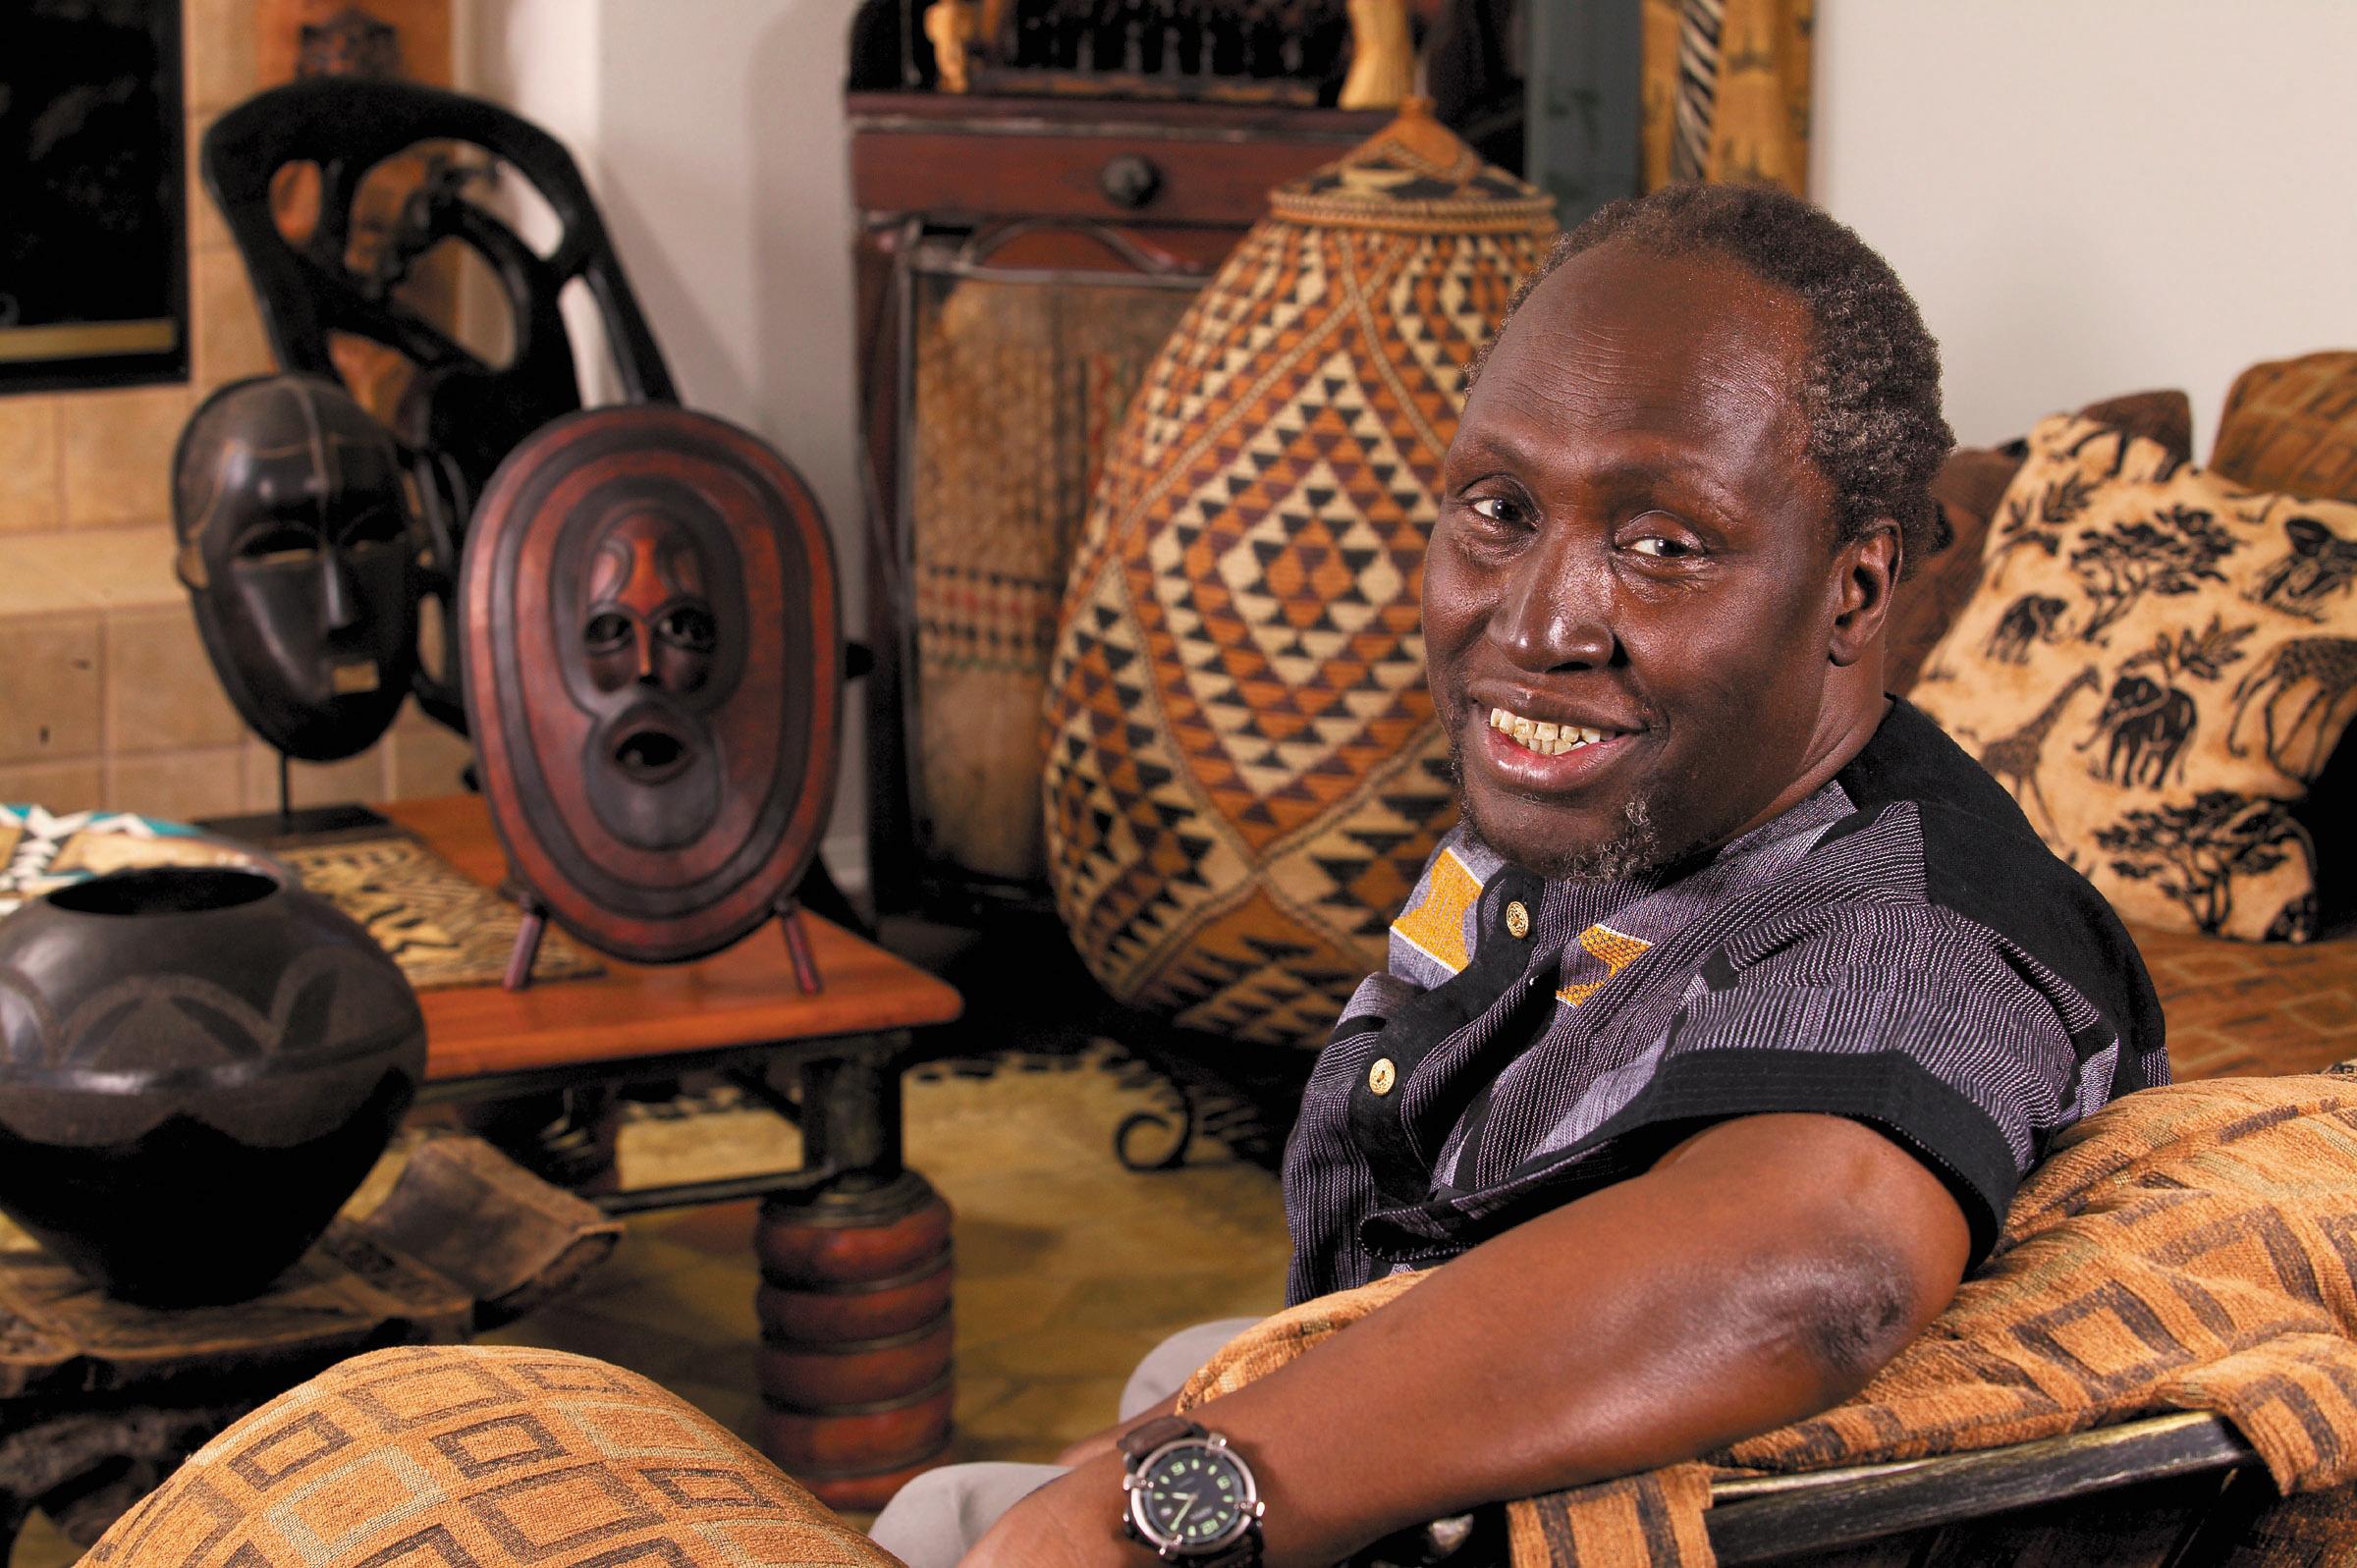 Kenyan author Ngũgĩ wa Thiong'o